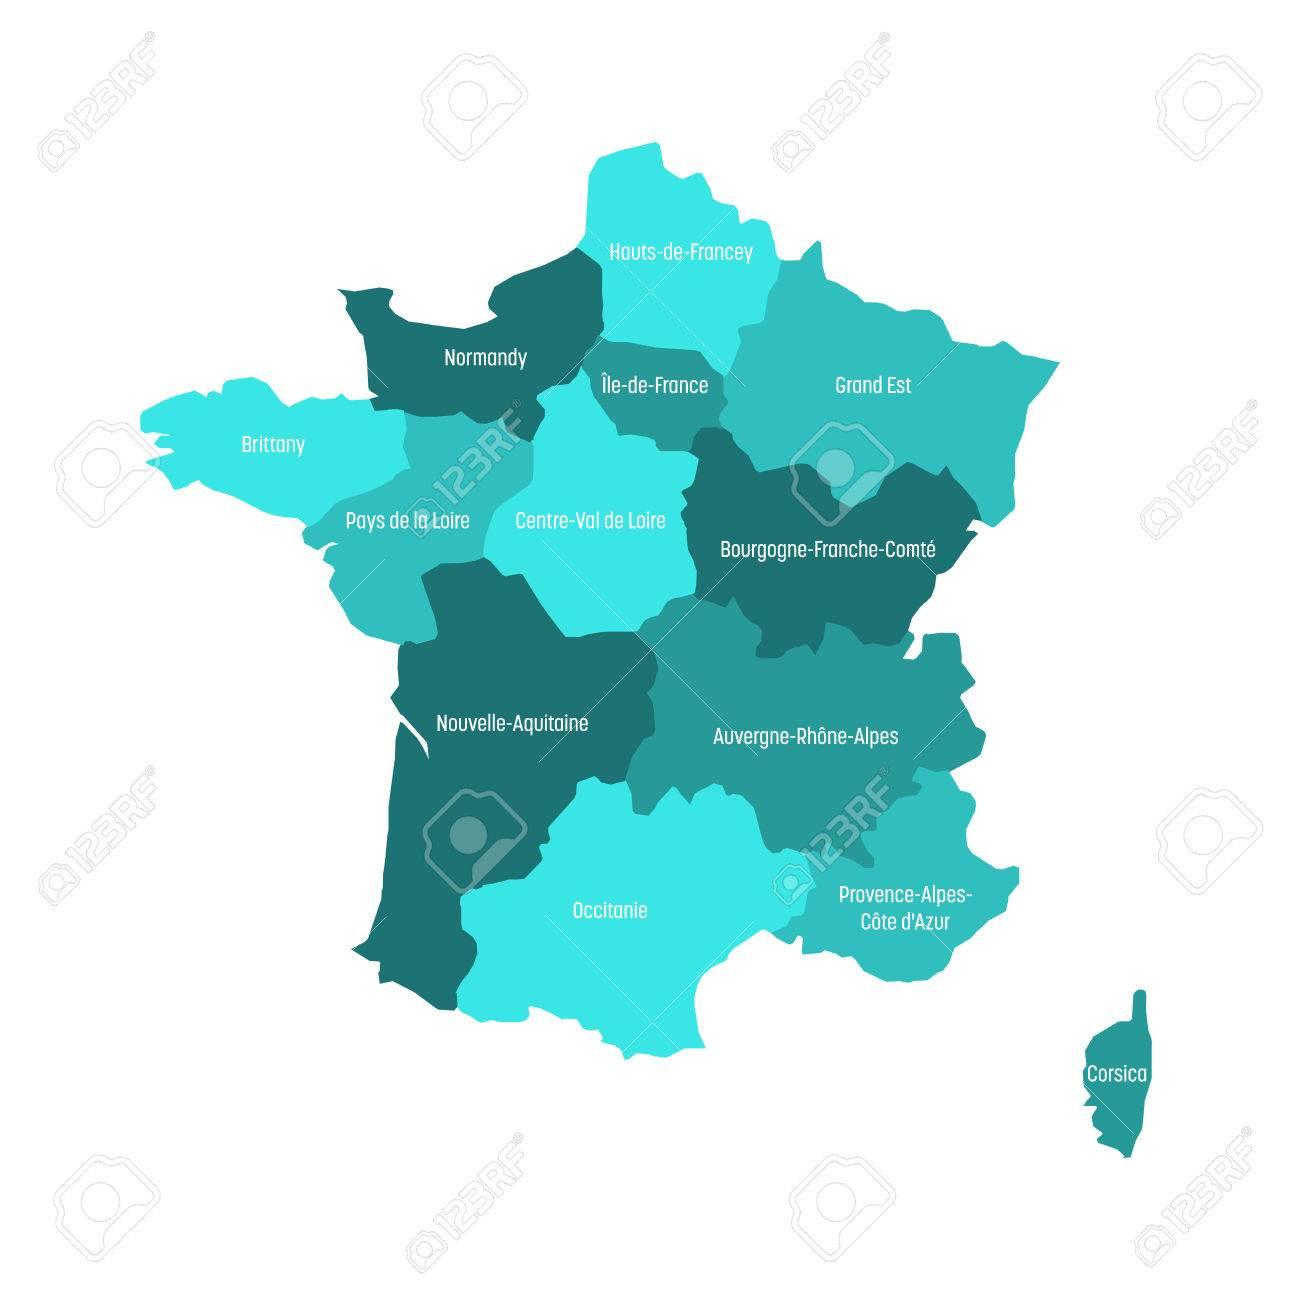 Carte De France Divisée En 13 Régions Métropolitaines Administratives,  Depuis 2016. Quatre Nuances De Vert. Illustration Vectorielle. intérieur Carte Des Régions De France 2016